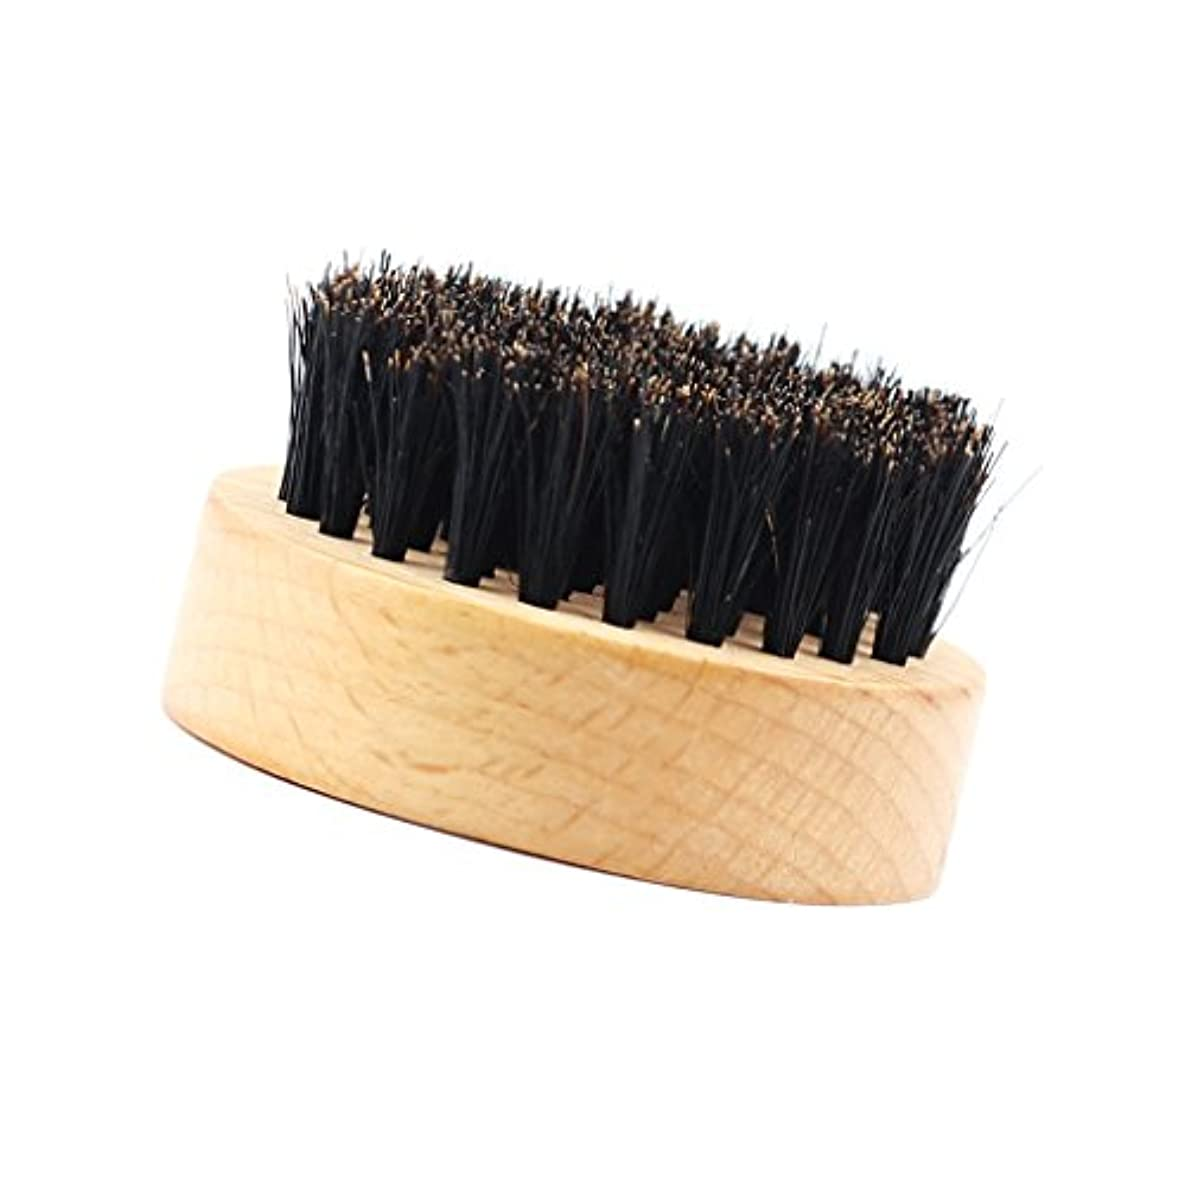 保存連続的被るBaosity 髭ブラシ ひげ剃り 豚毛 天然木ハンドル 口ひげケア 2タイプ選べる - #2